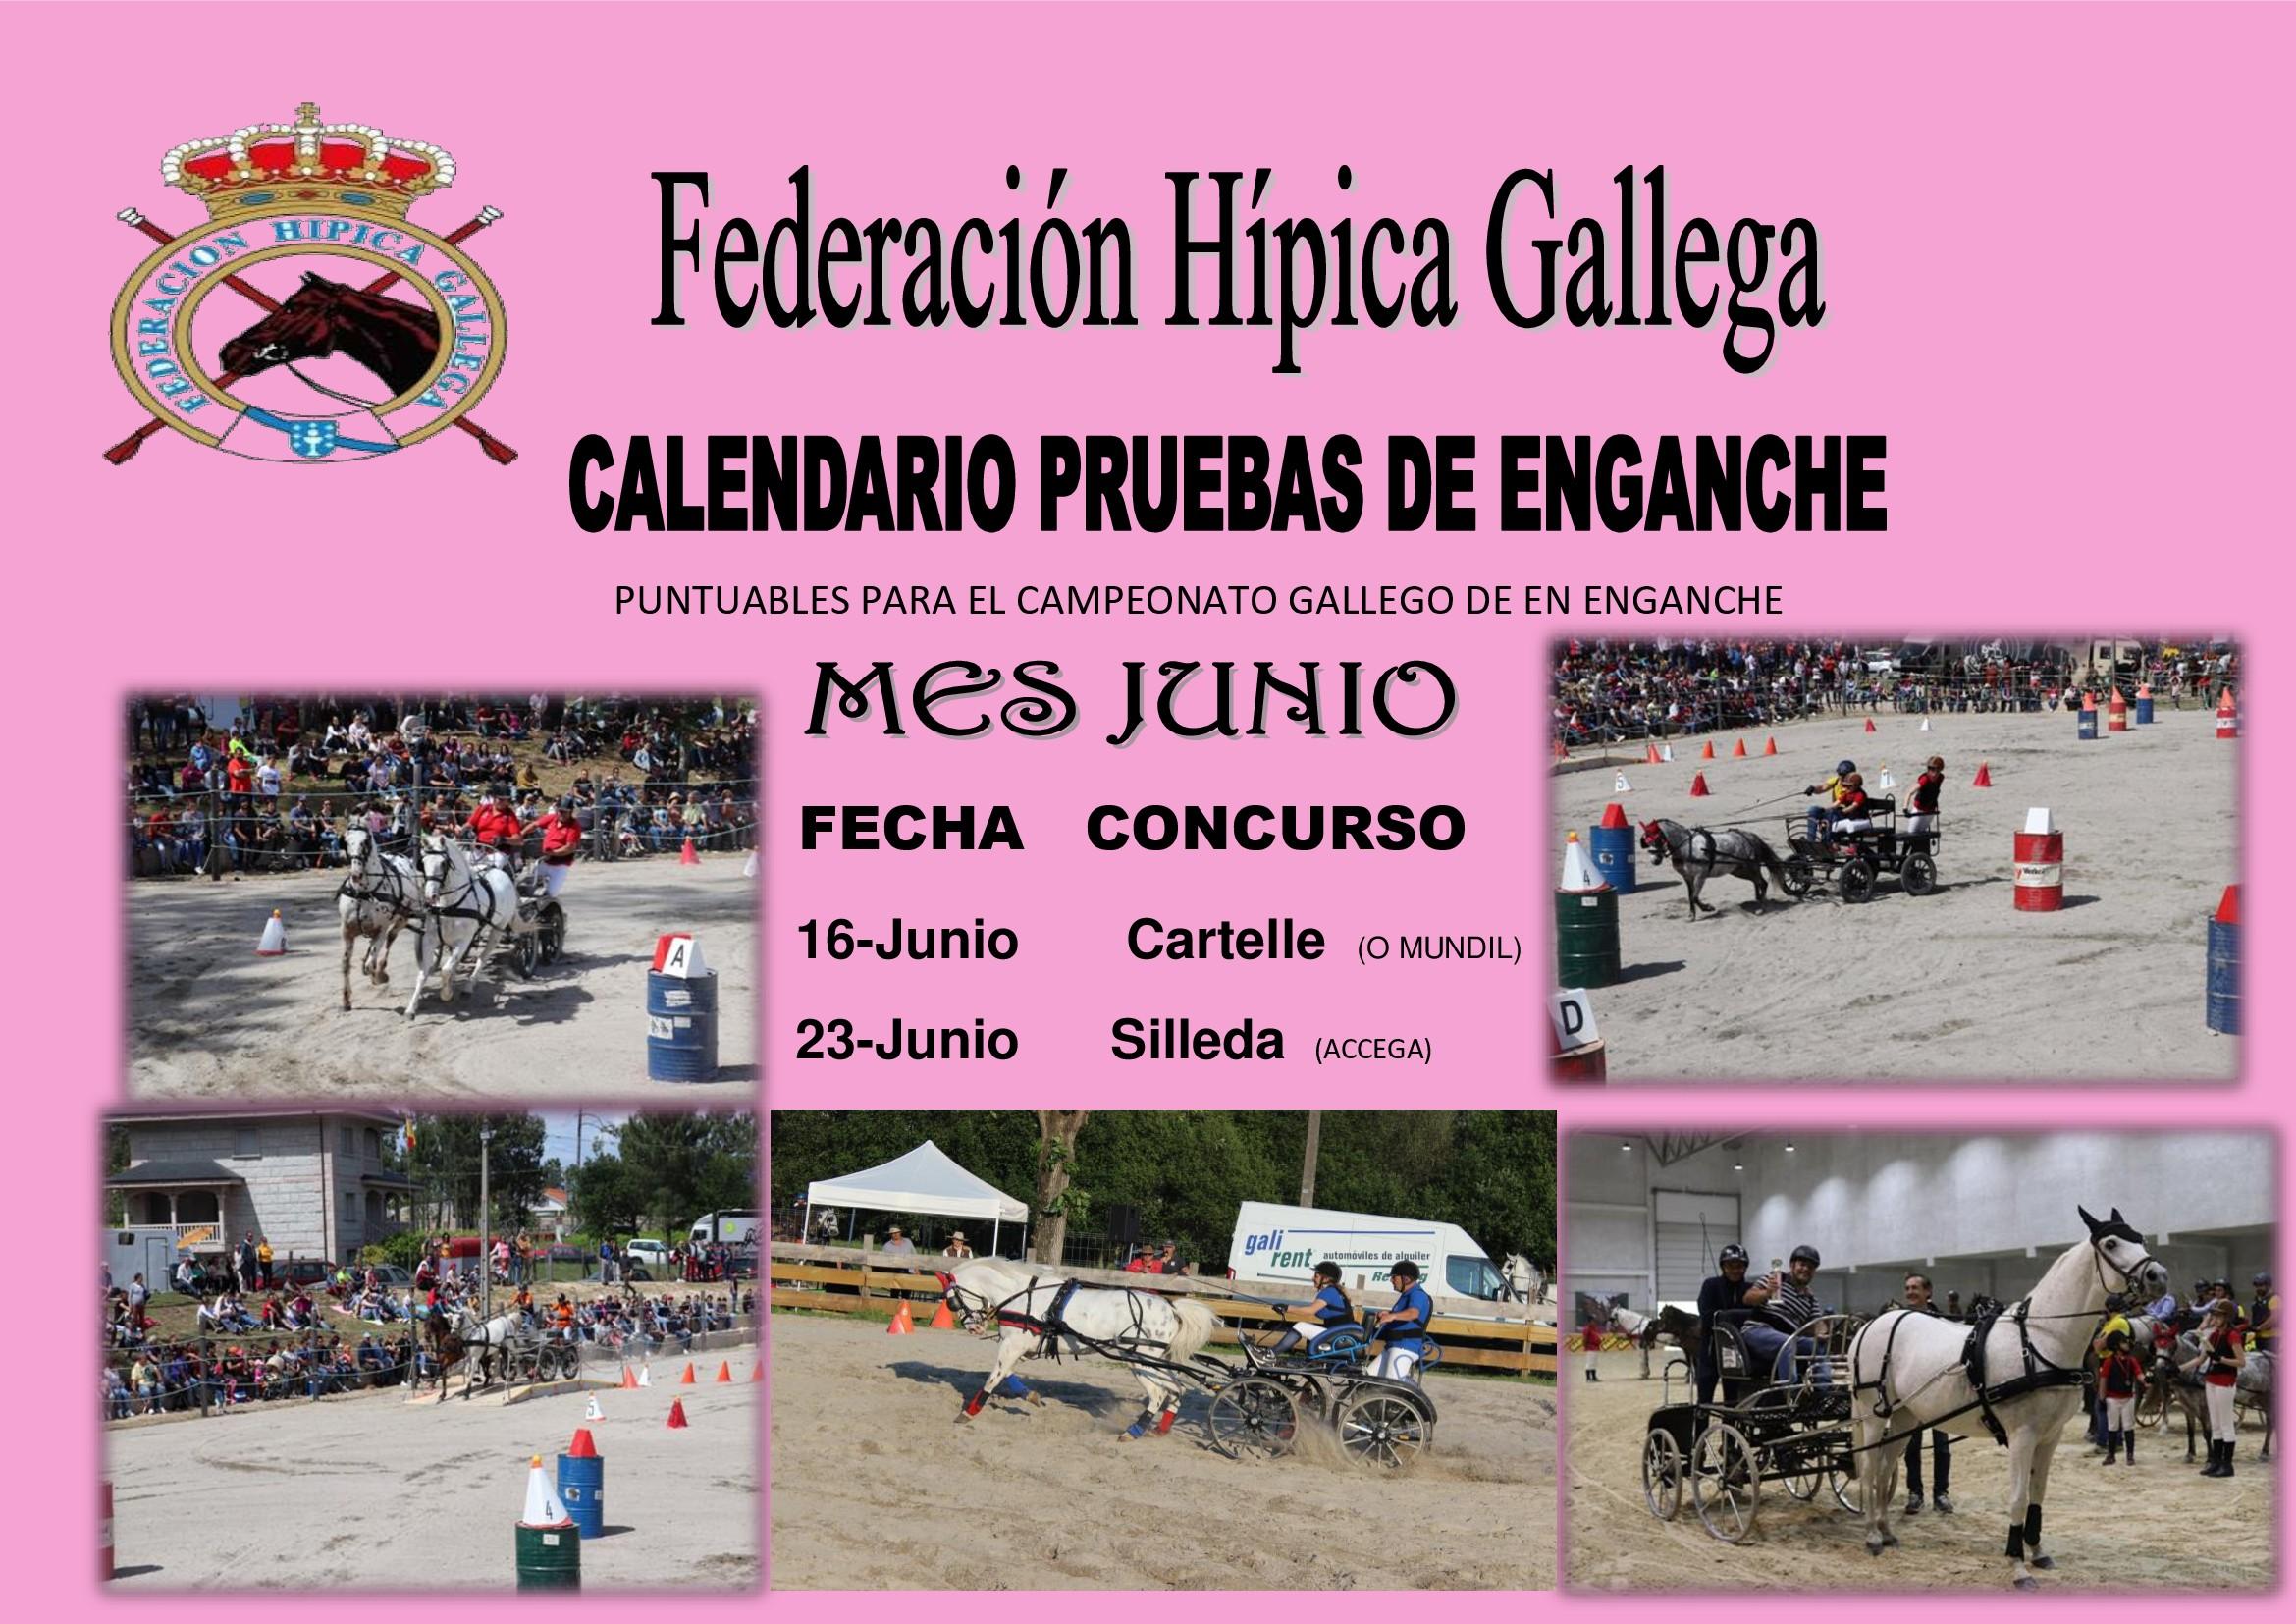 Calendario Laboral 2019 Nigran Más Recientes Federacion Hipica Gallega Calendario Of Calendario Laboral 2019 Nigran Recientes Txingudiko Inguru Fisikoaren Azterketa Estudio Del Medio